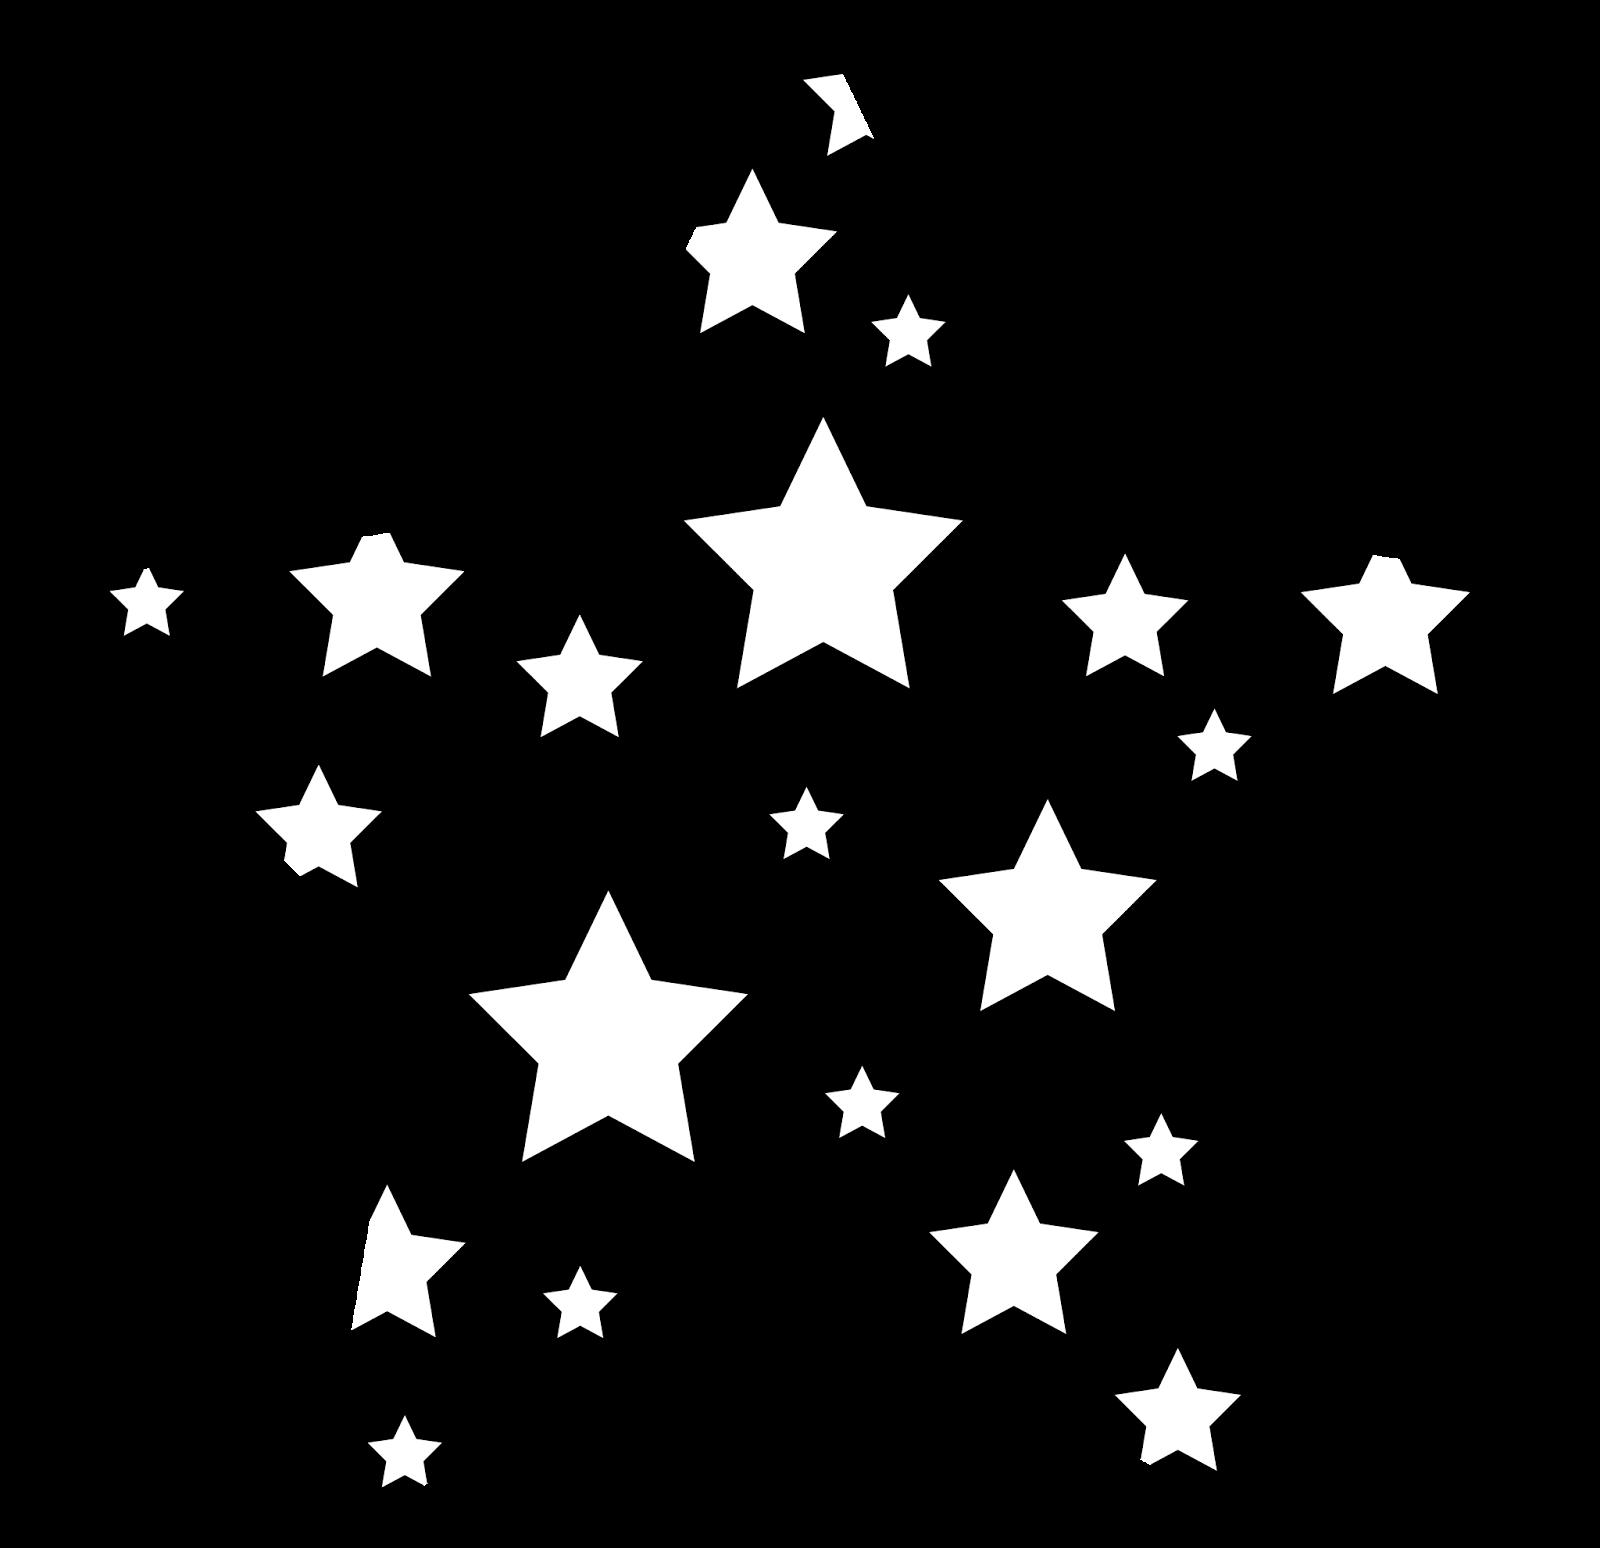 76+ Gambar Bintang Kartun Keren Terlihat Keren